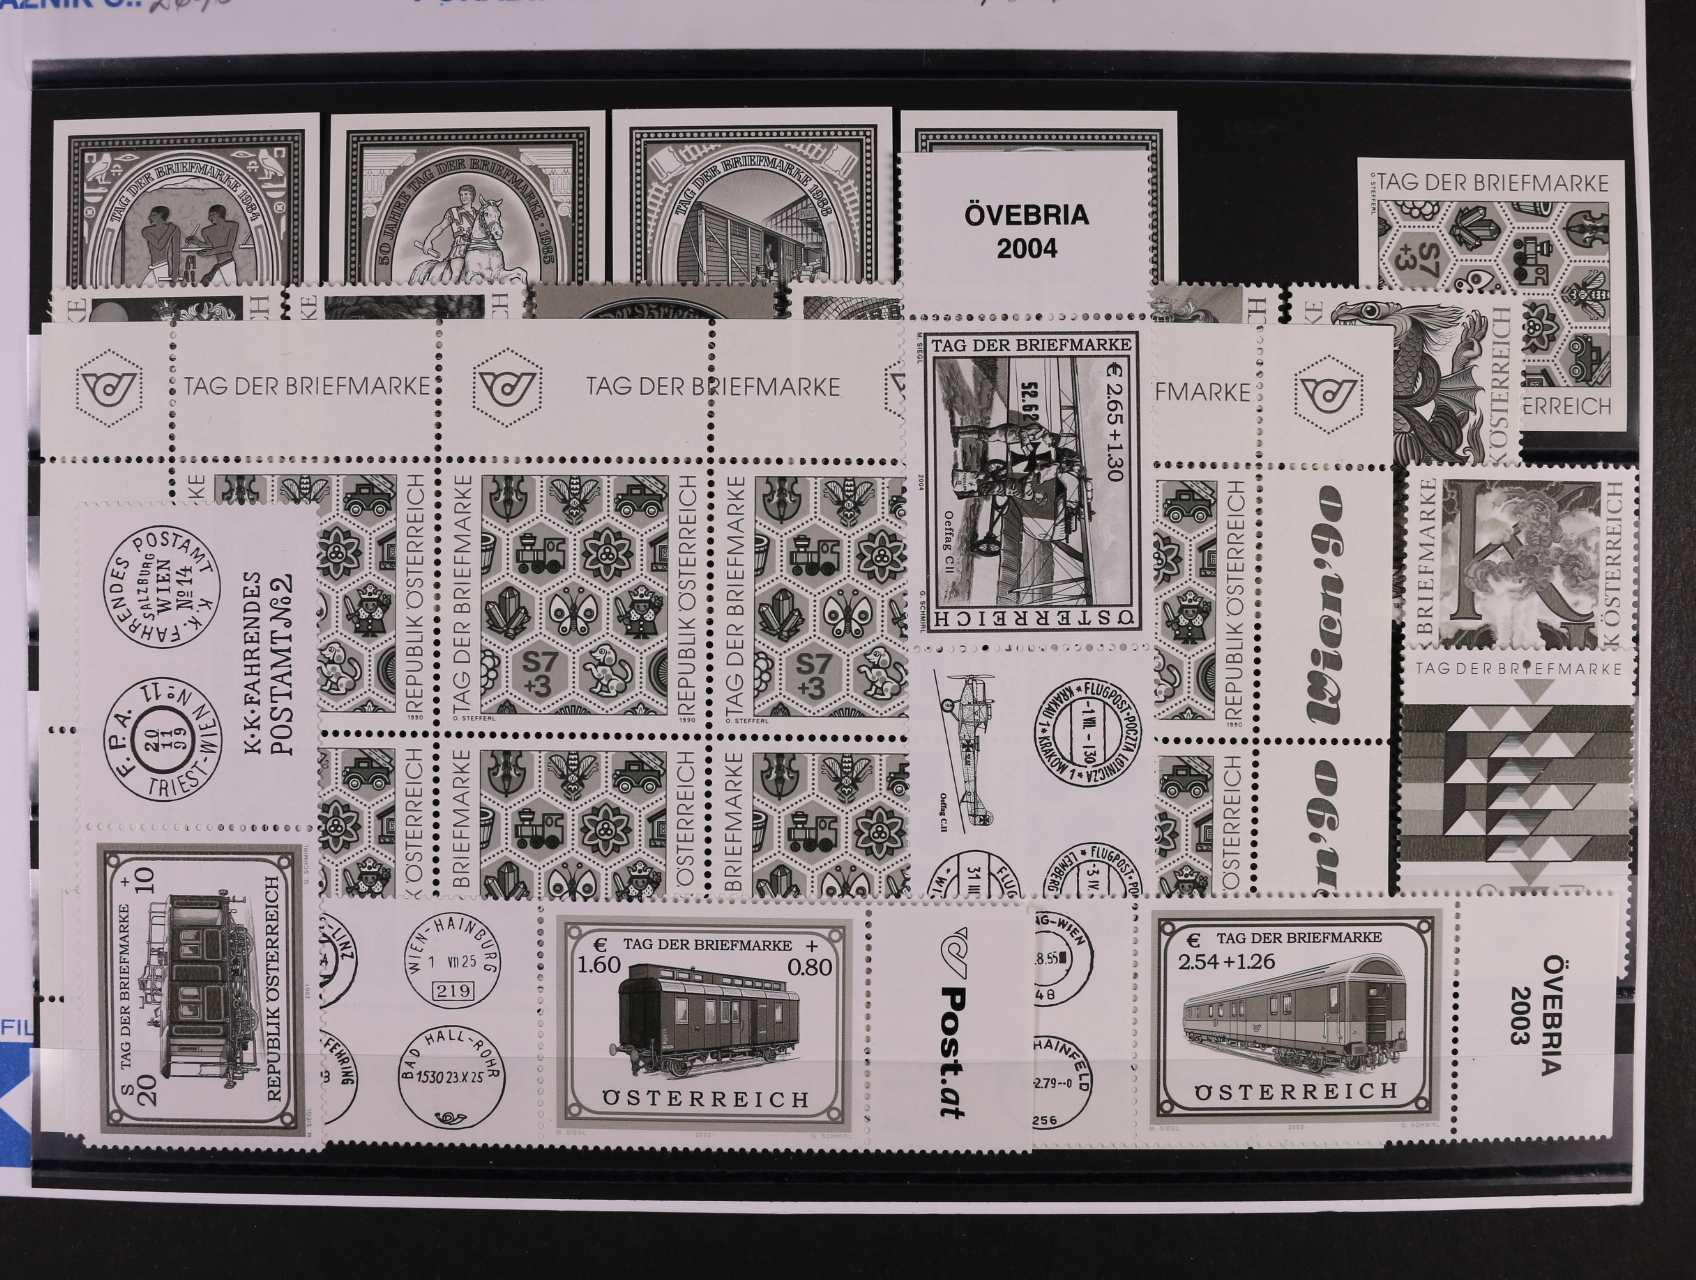 nekompl. sestava 17 ks ZT v černé barvě od zn. Mi. č. 1797 - 2482 z let 1984 - 2004, mj. ZT zn. Mi. č. 1990 v kompl. PL, celkem 157 EUR